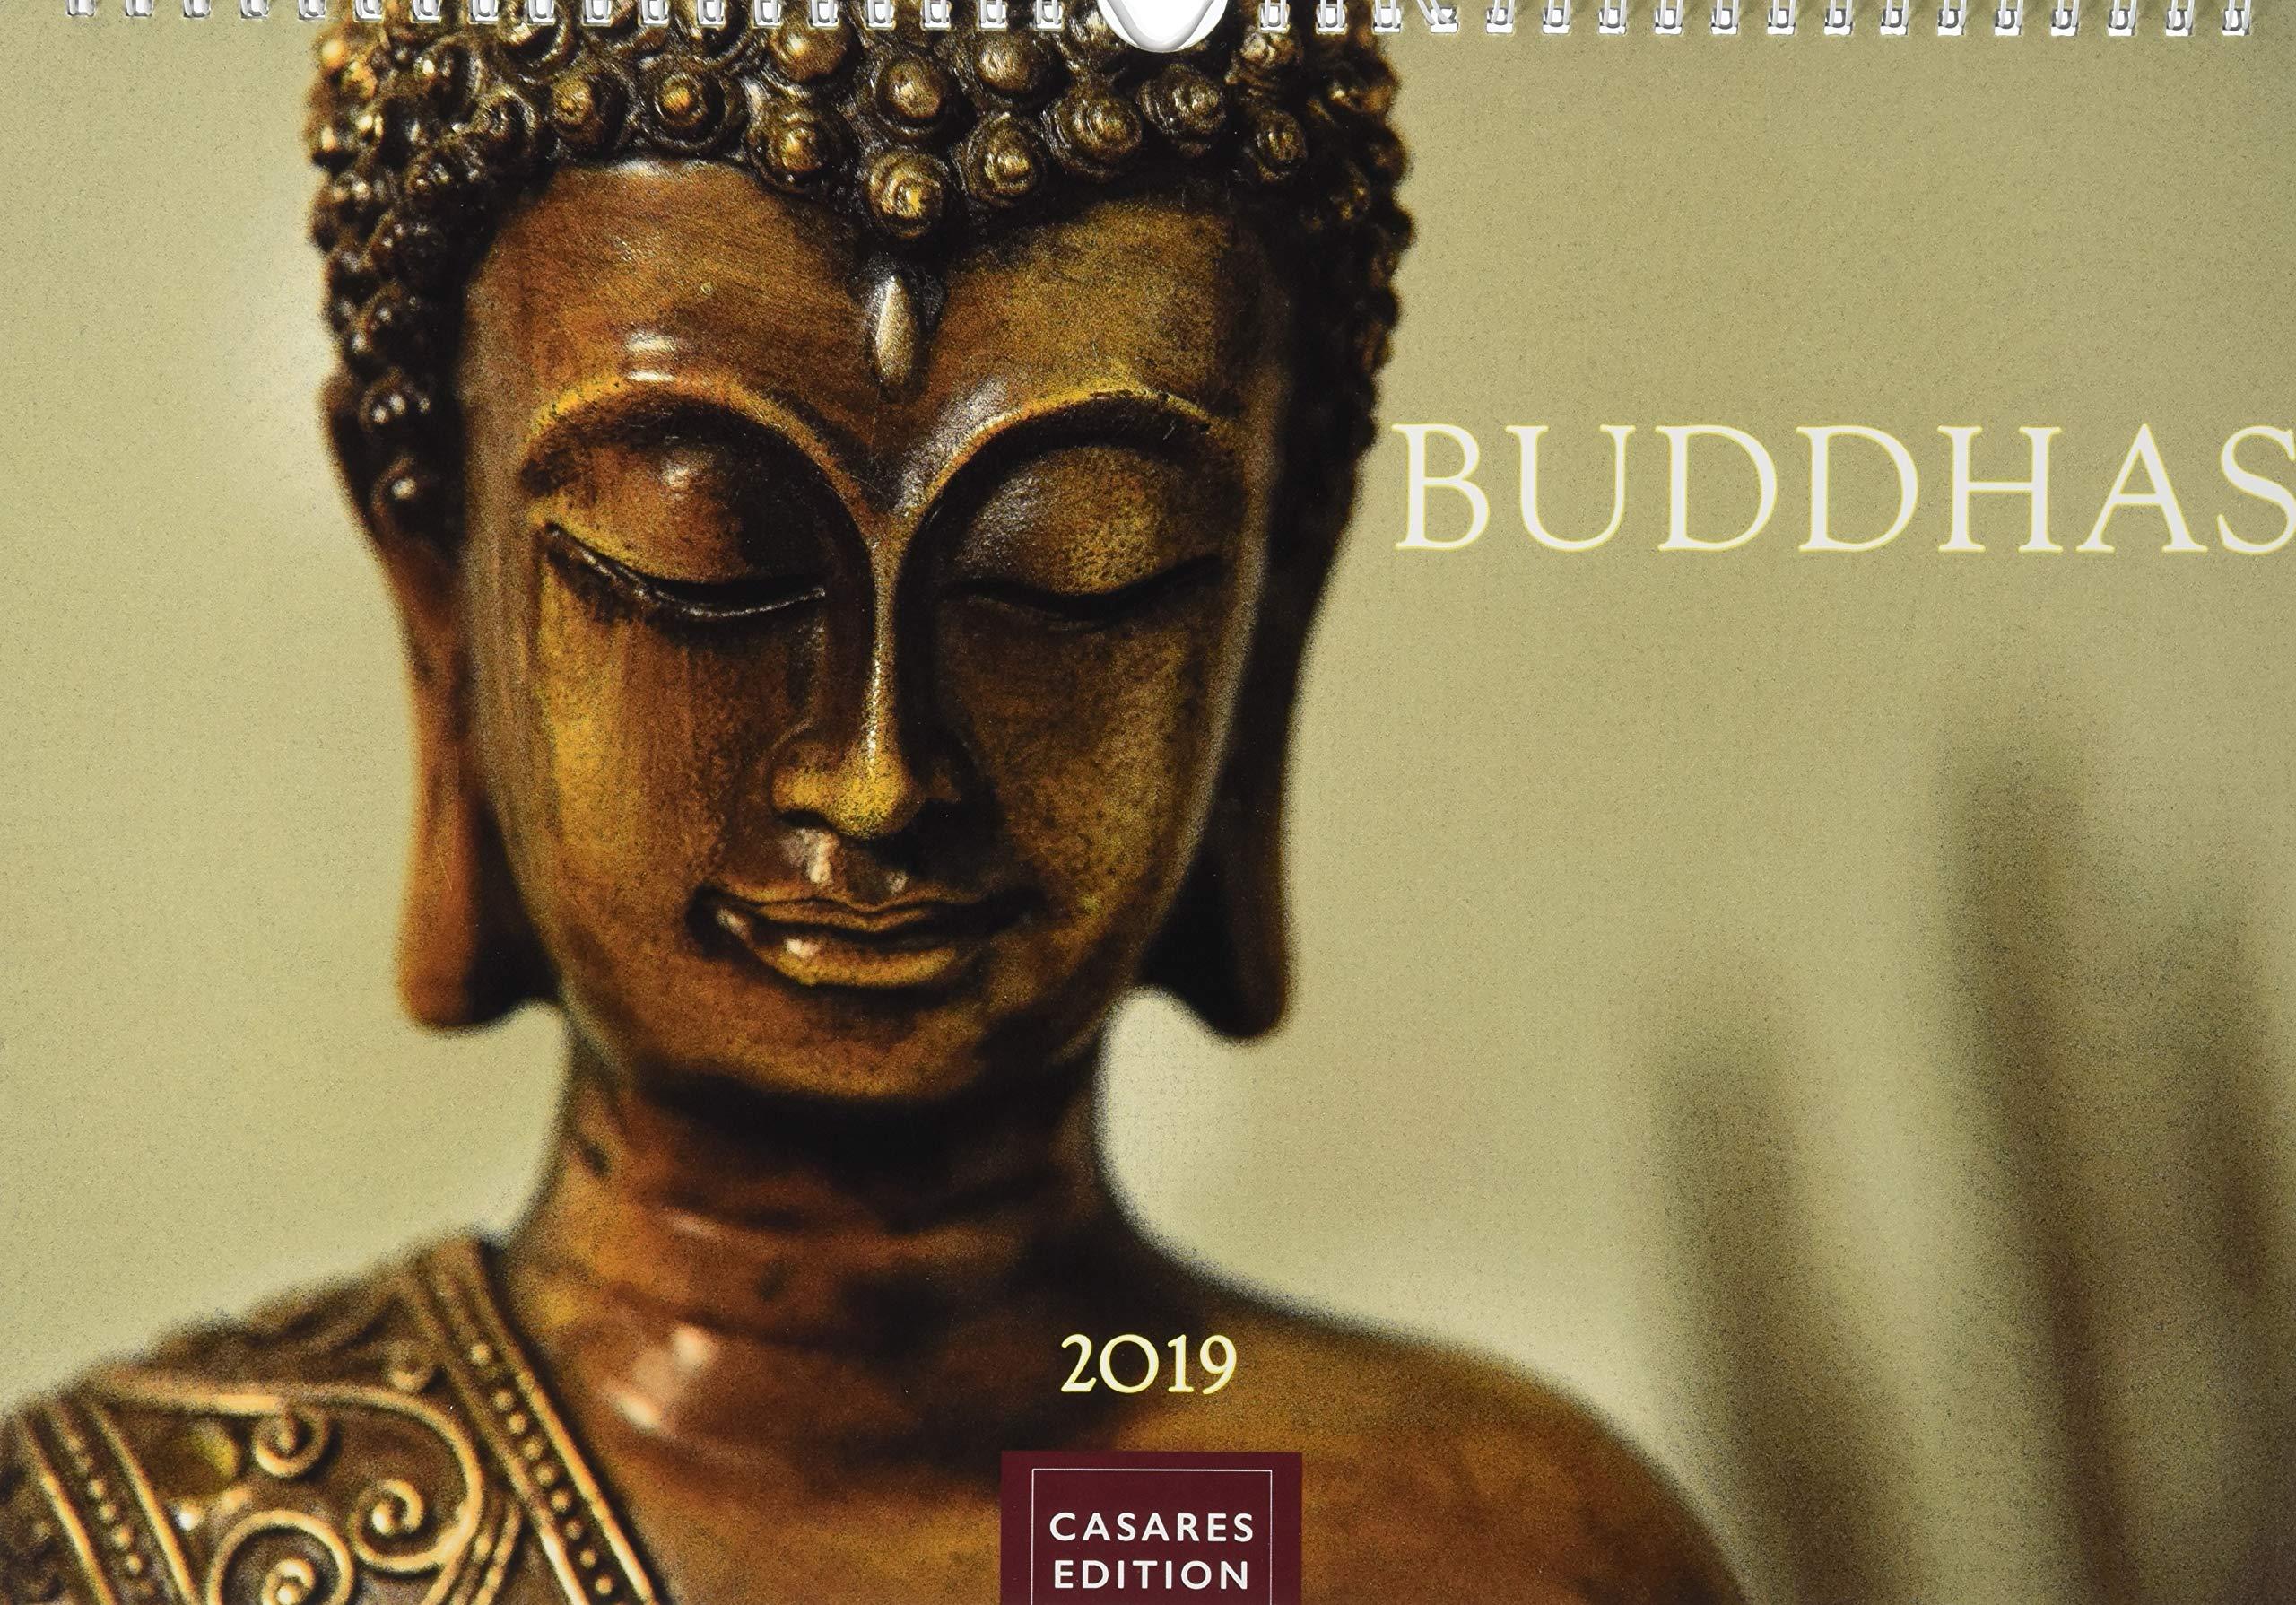 Buddhas 2019 S 35x24cm Kalender – Wandkalender, 1. März 2018 CASARES fine art edition 3956969472 Bildbände / Asien Nichtchristliche Religionen